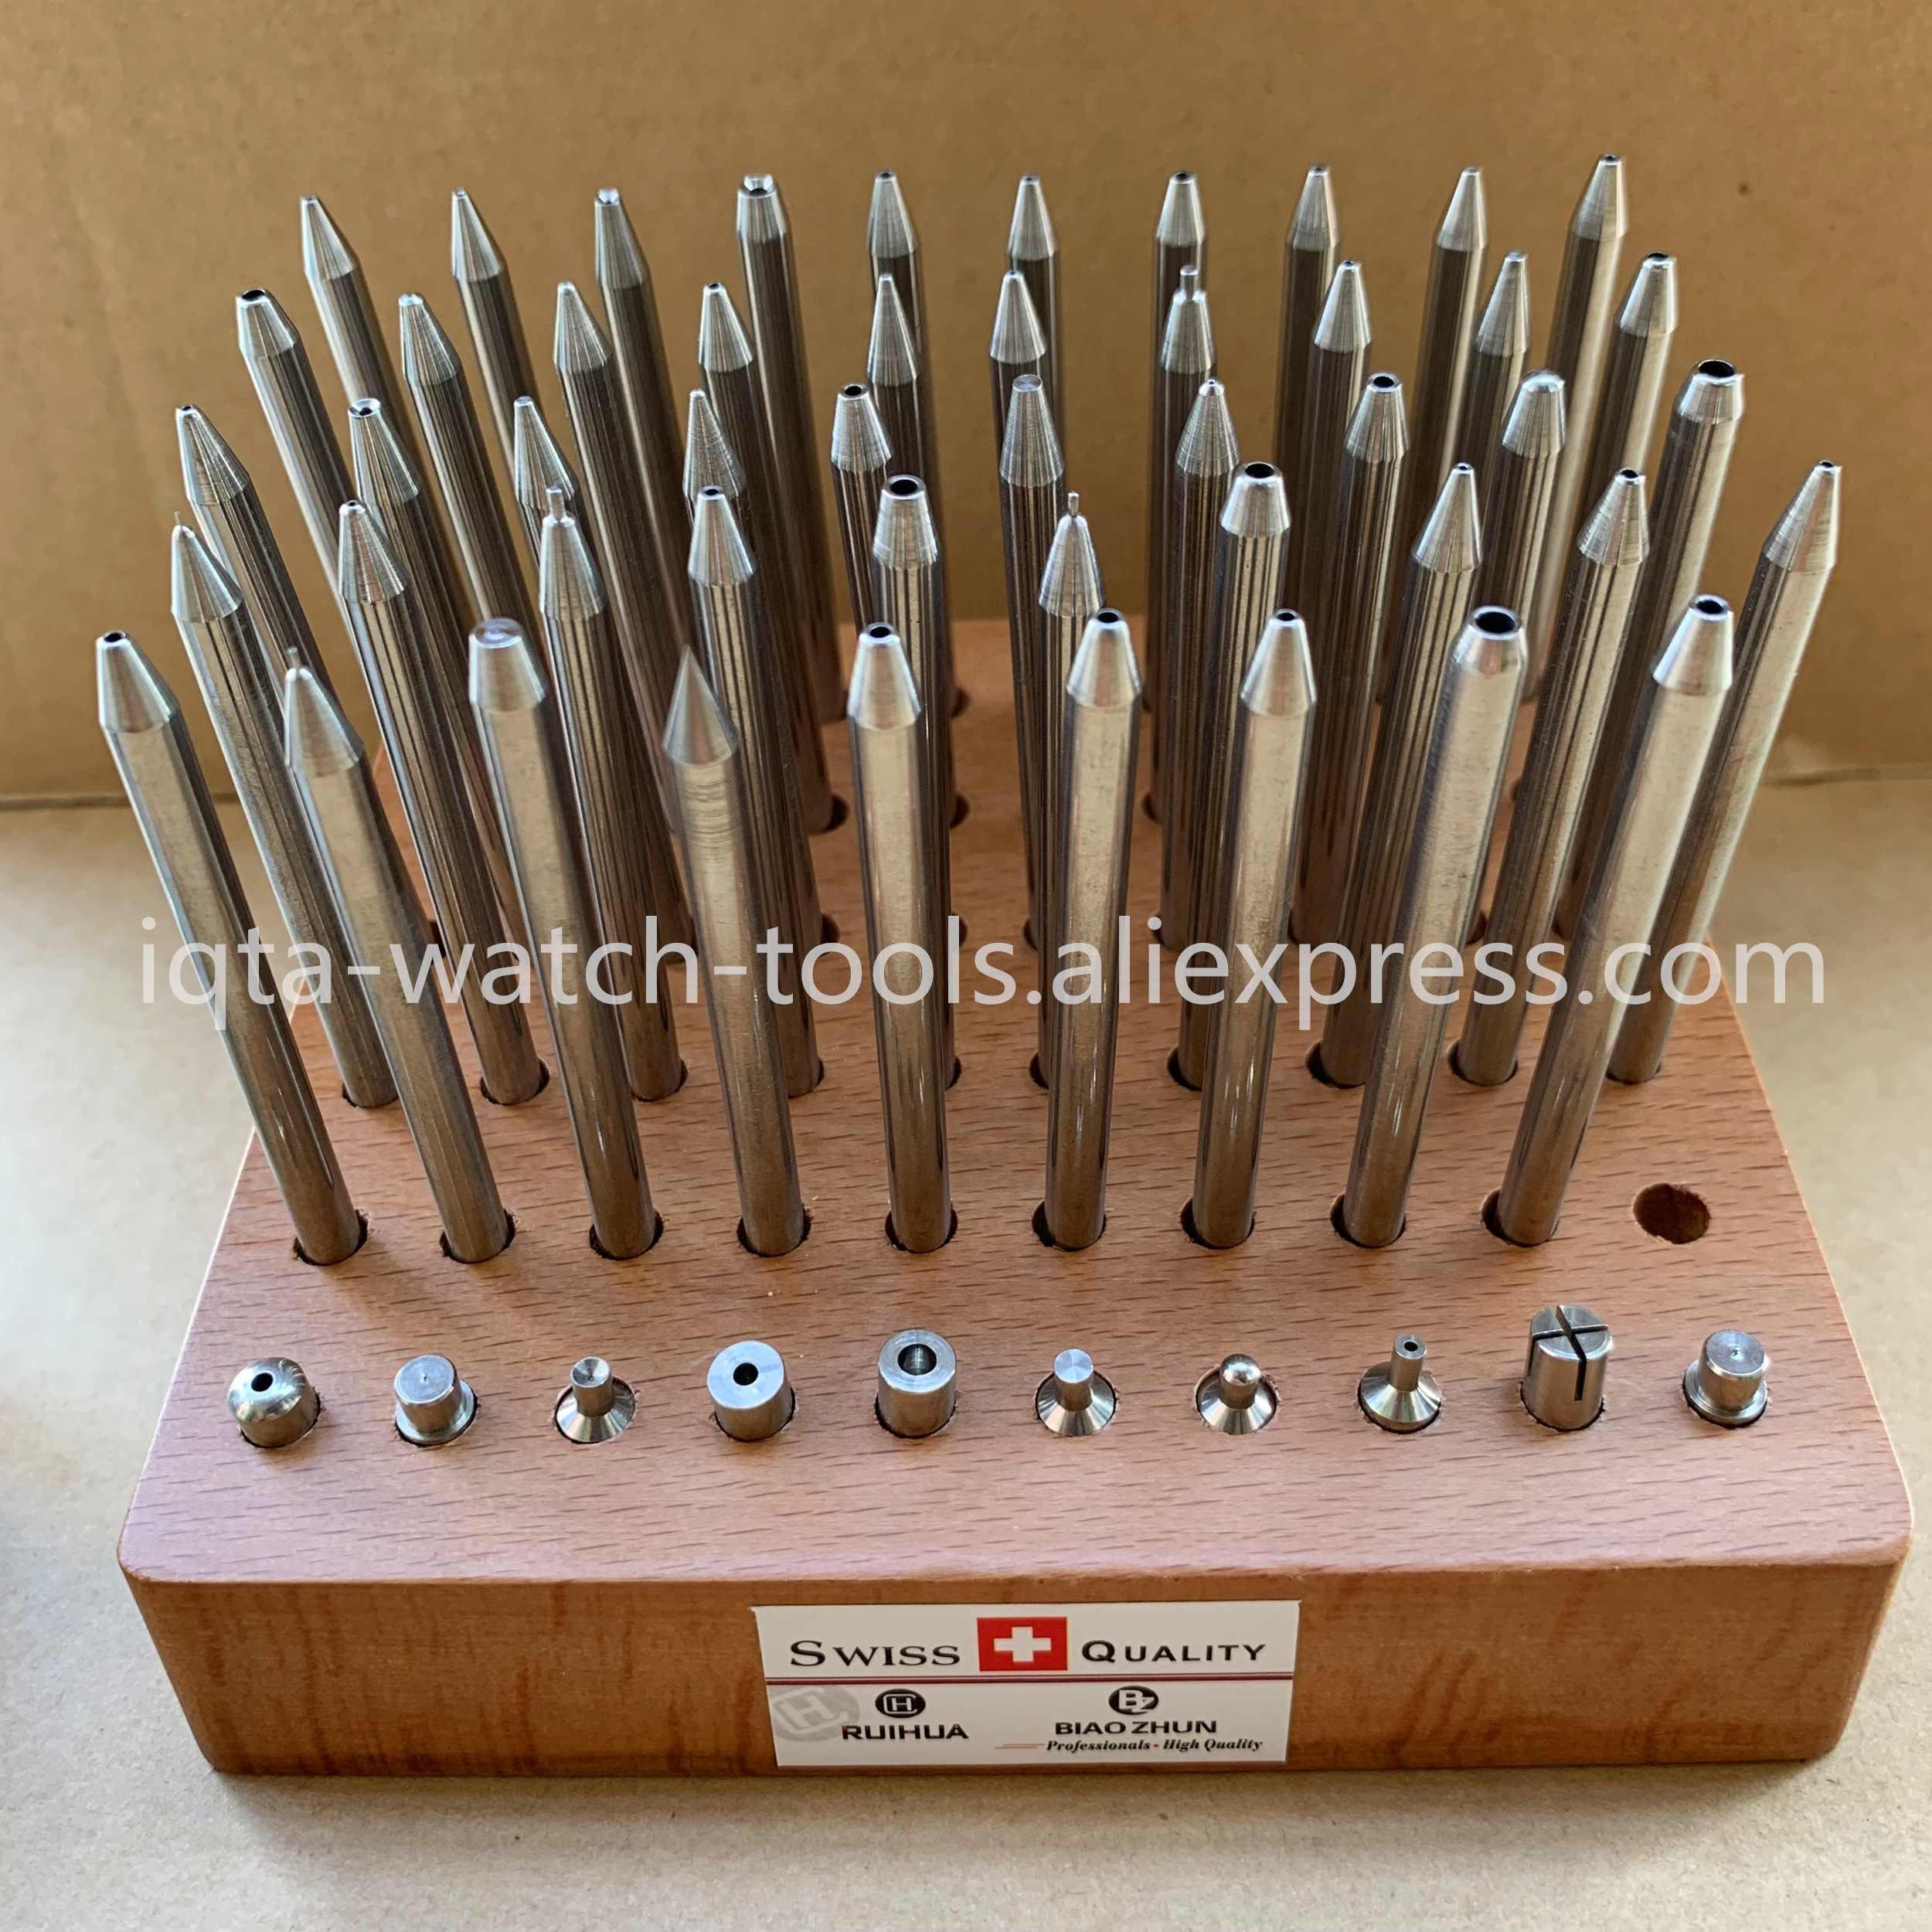 時計修理ツール中国製クローン bergeon 5285 時計屋 staking ツールセット時計修理